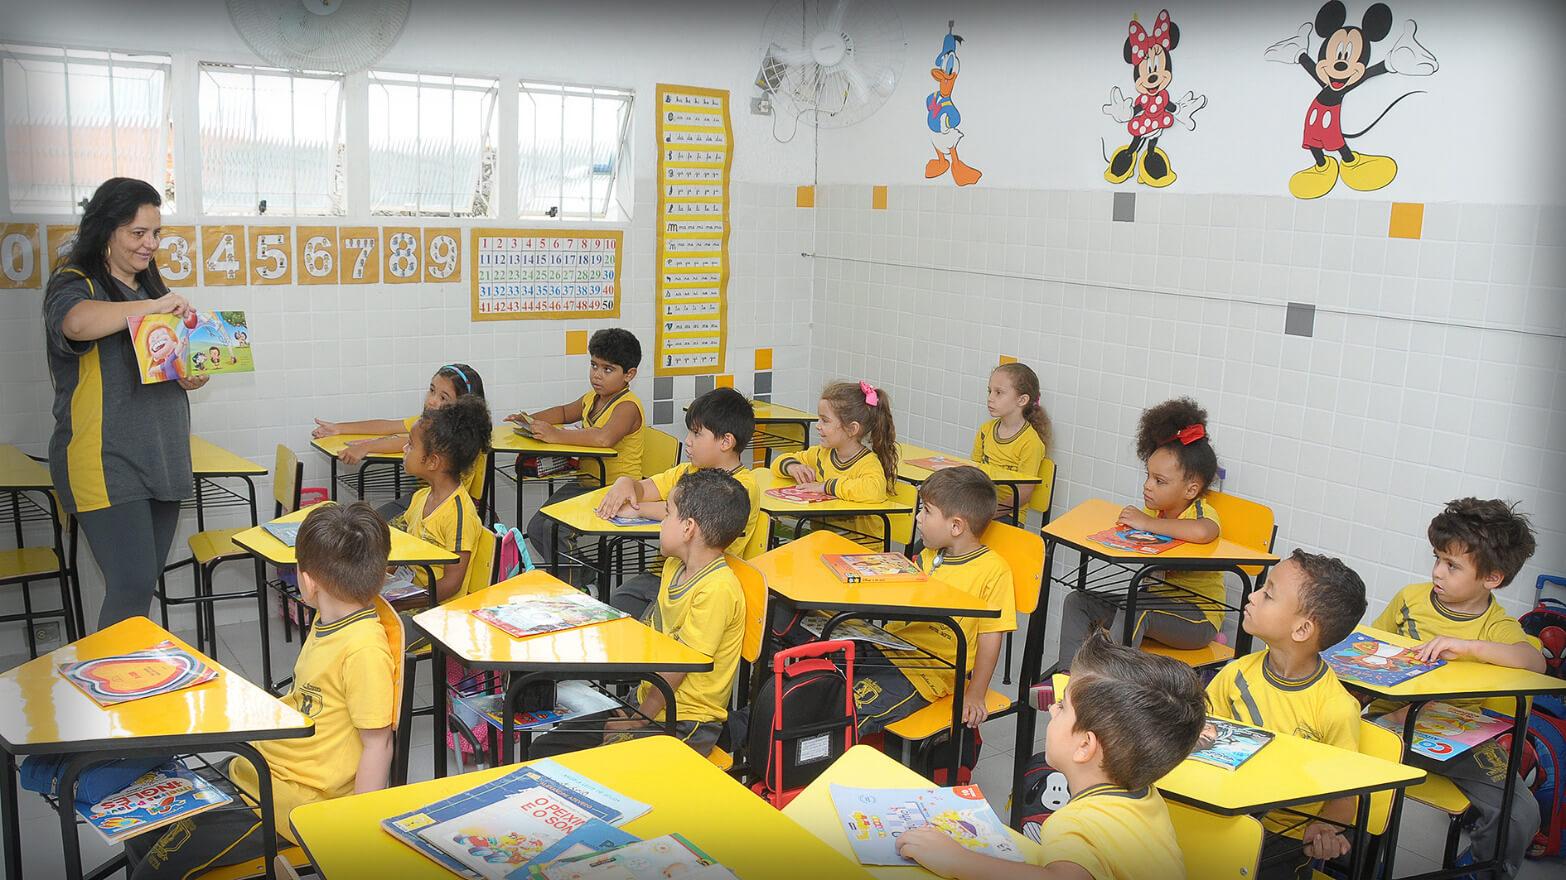 Educação Infantil deverá repor aulas após a pandemia